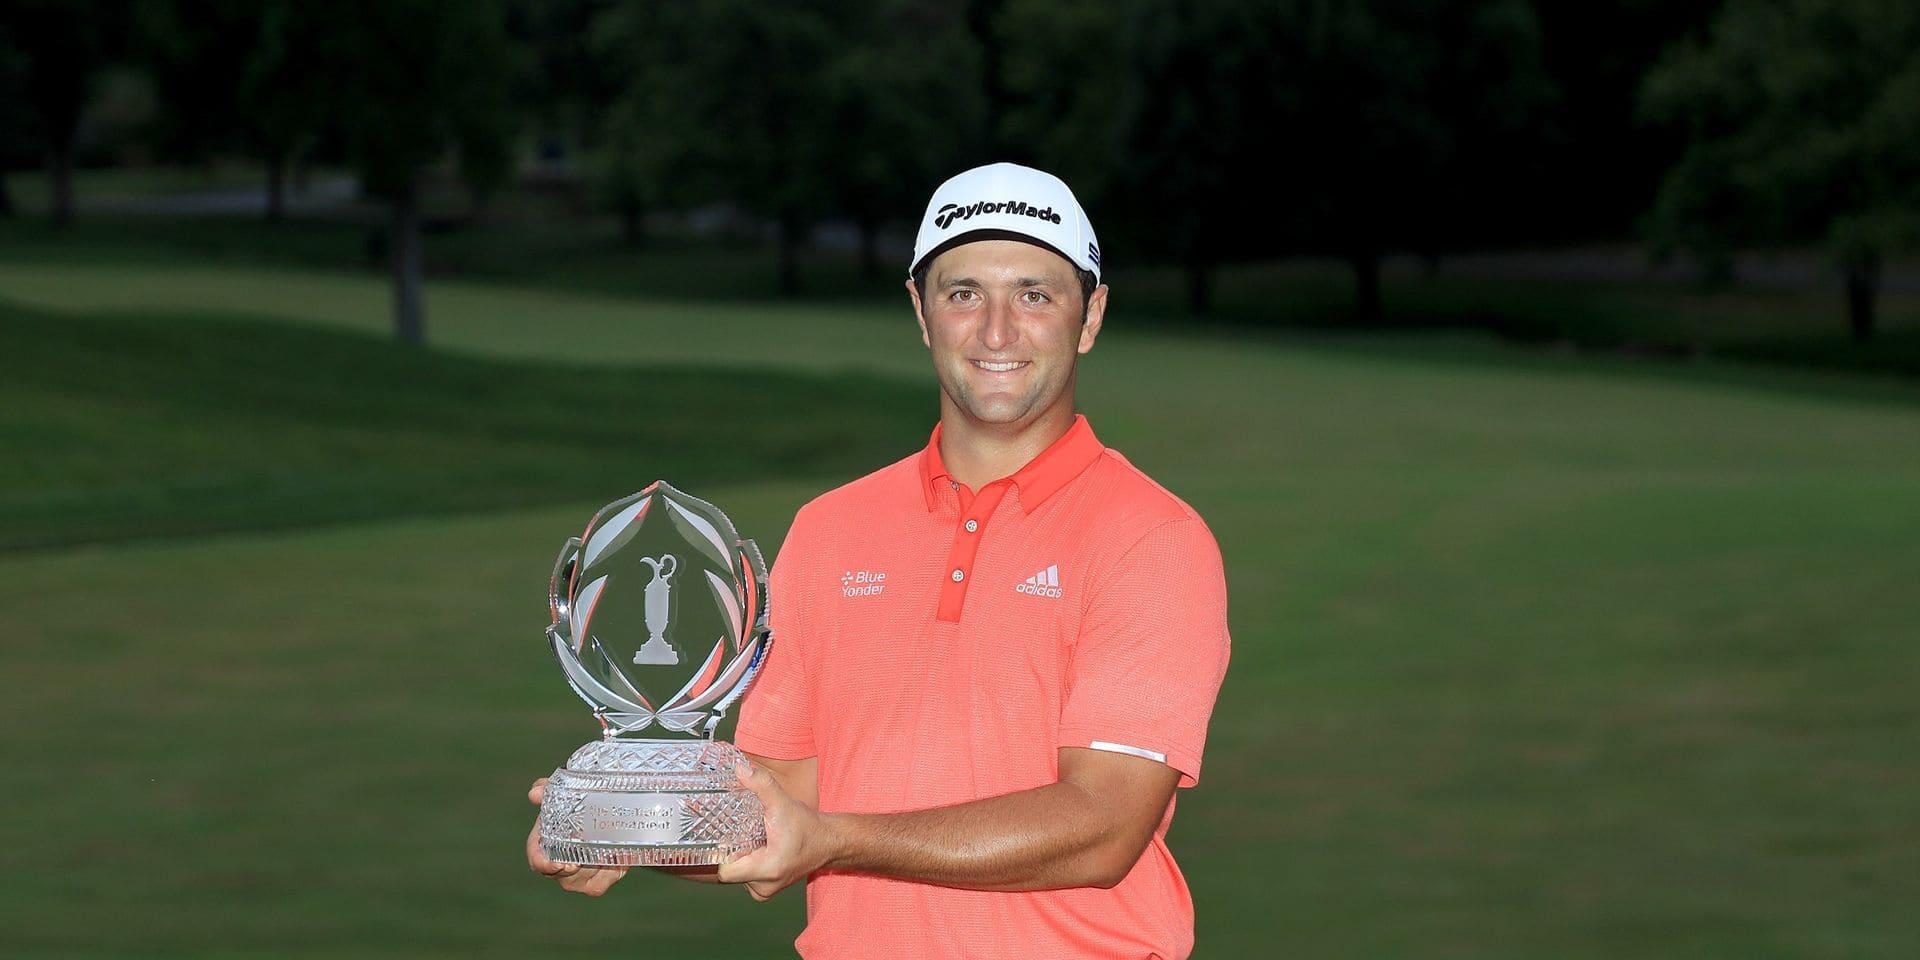 L'Espagnol Jon Rahm nouveau N.1 mondial de golf après sa victoire au Memorial